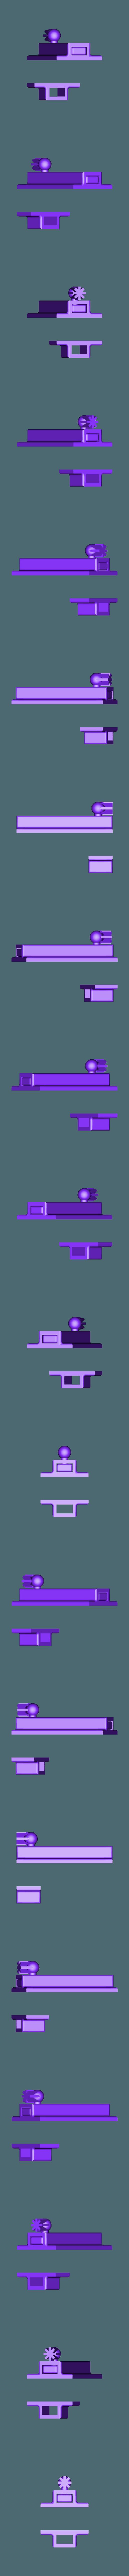 Assembled_sliding_door_bolt_improved_ball_support_complete.stl Télécharger fichier STL gratuit Verrou de porte coulissante Impression entièrement assemblée • Design à imprimer en 3D, Sagittario